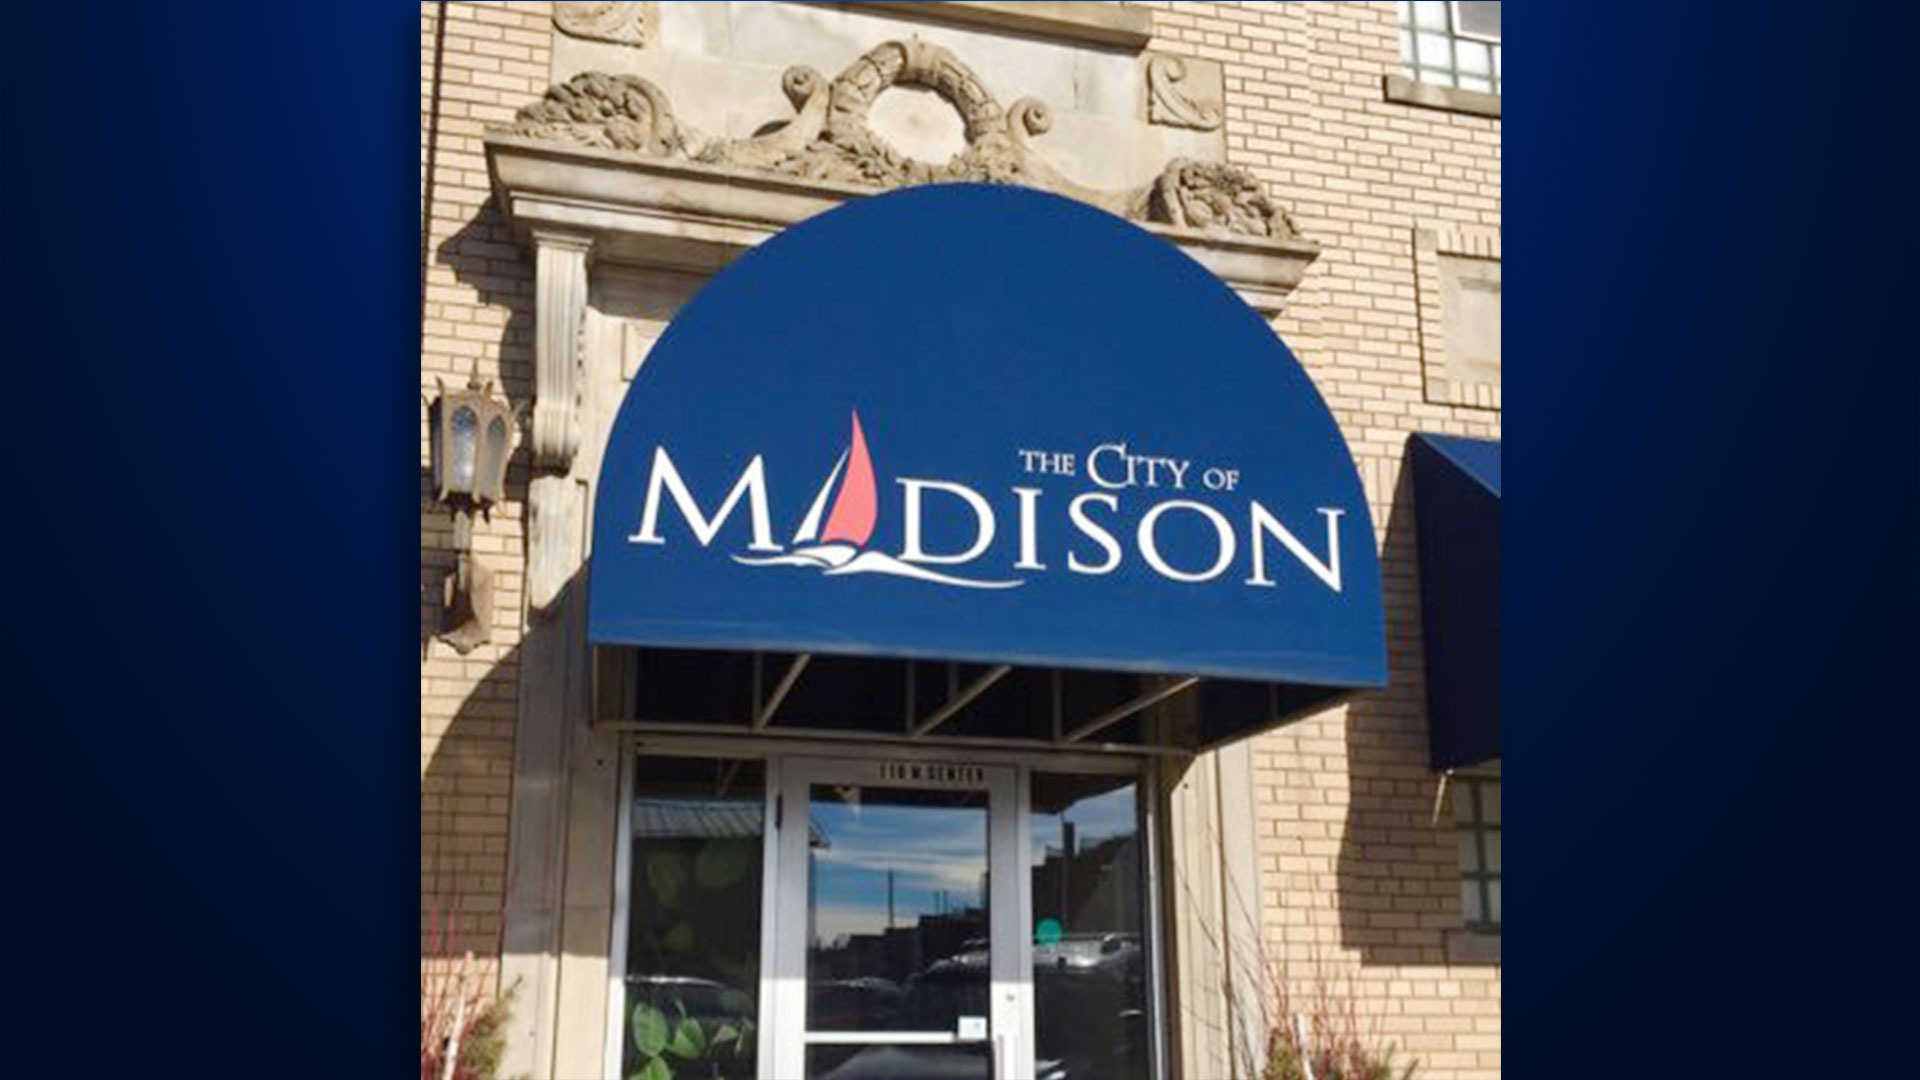 KELO City of Madison